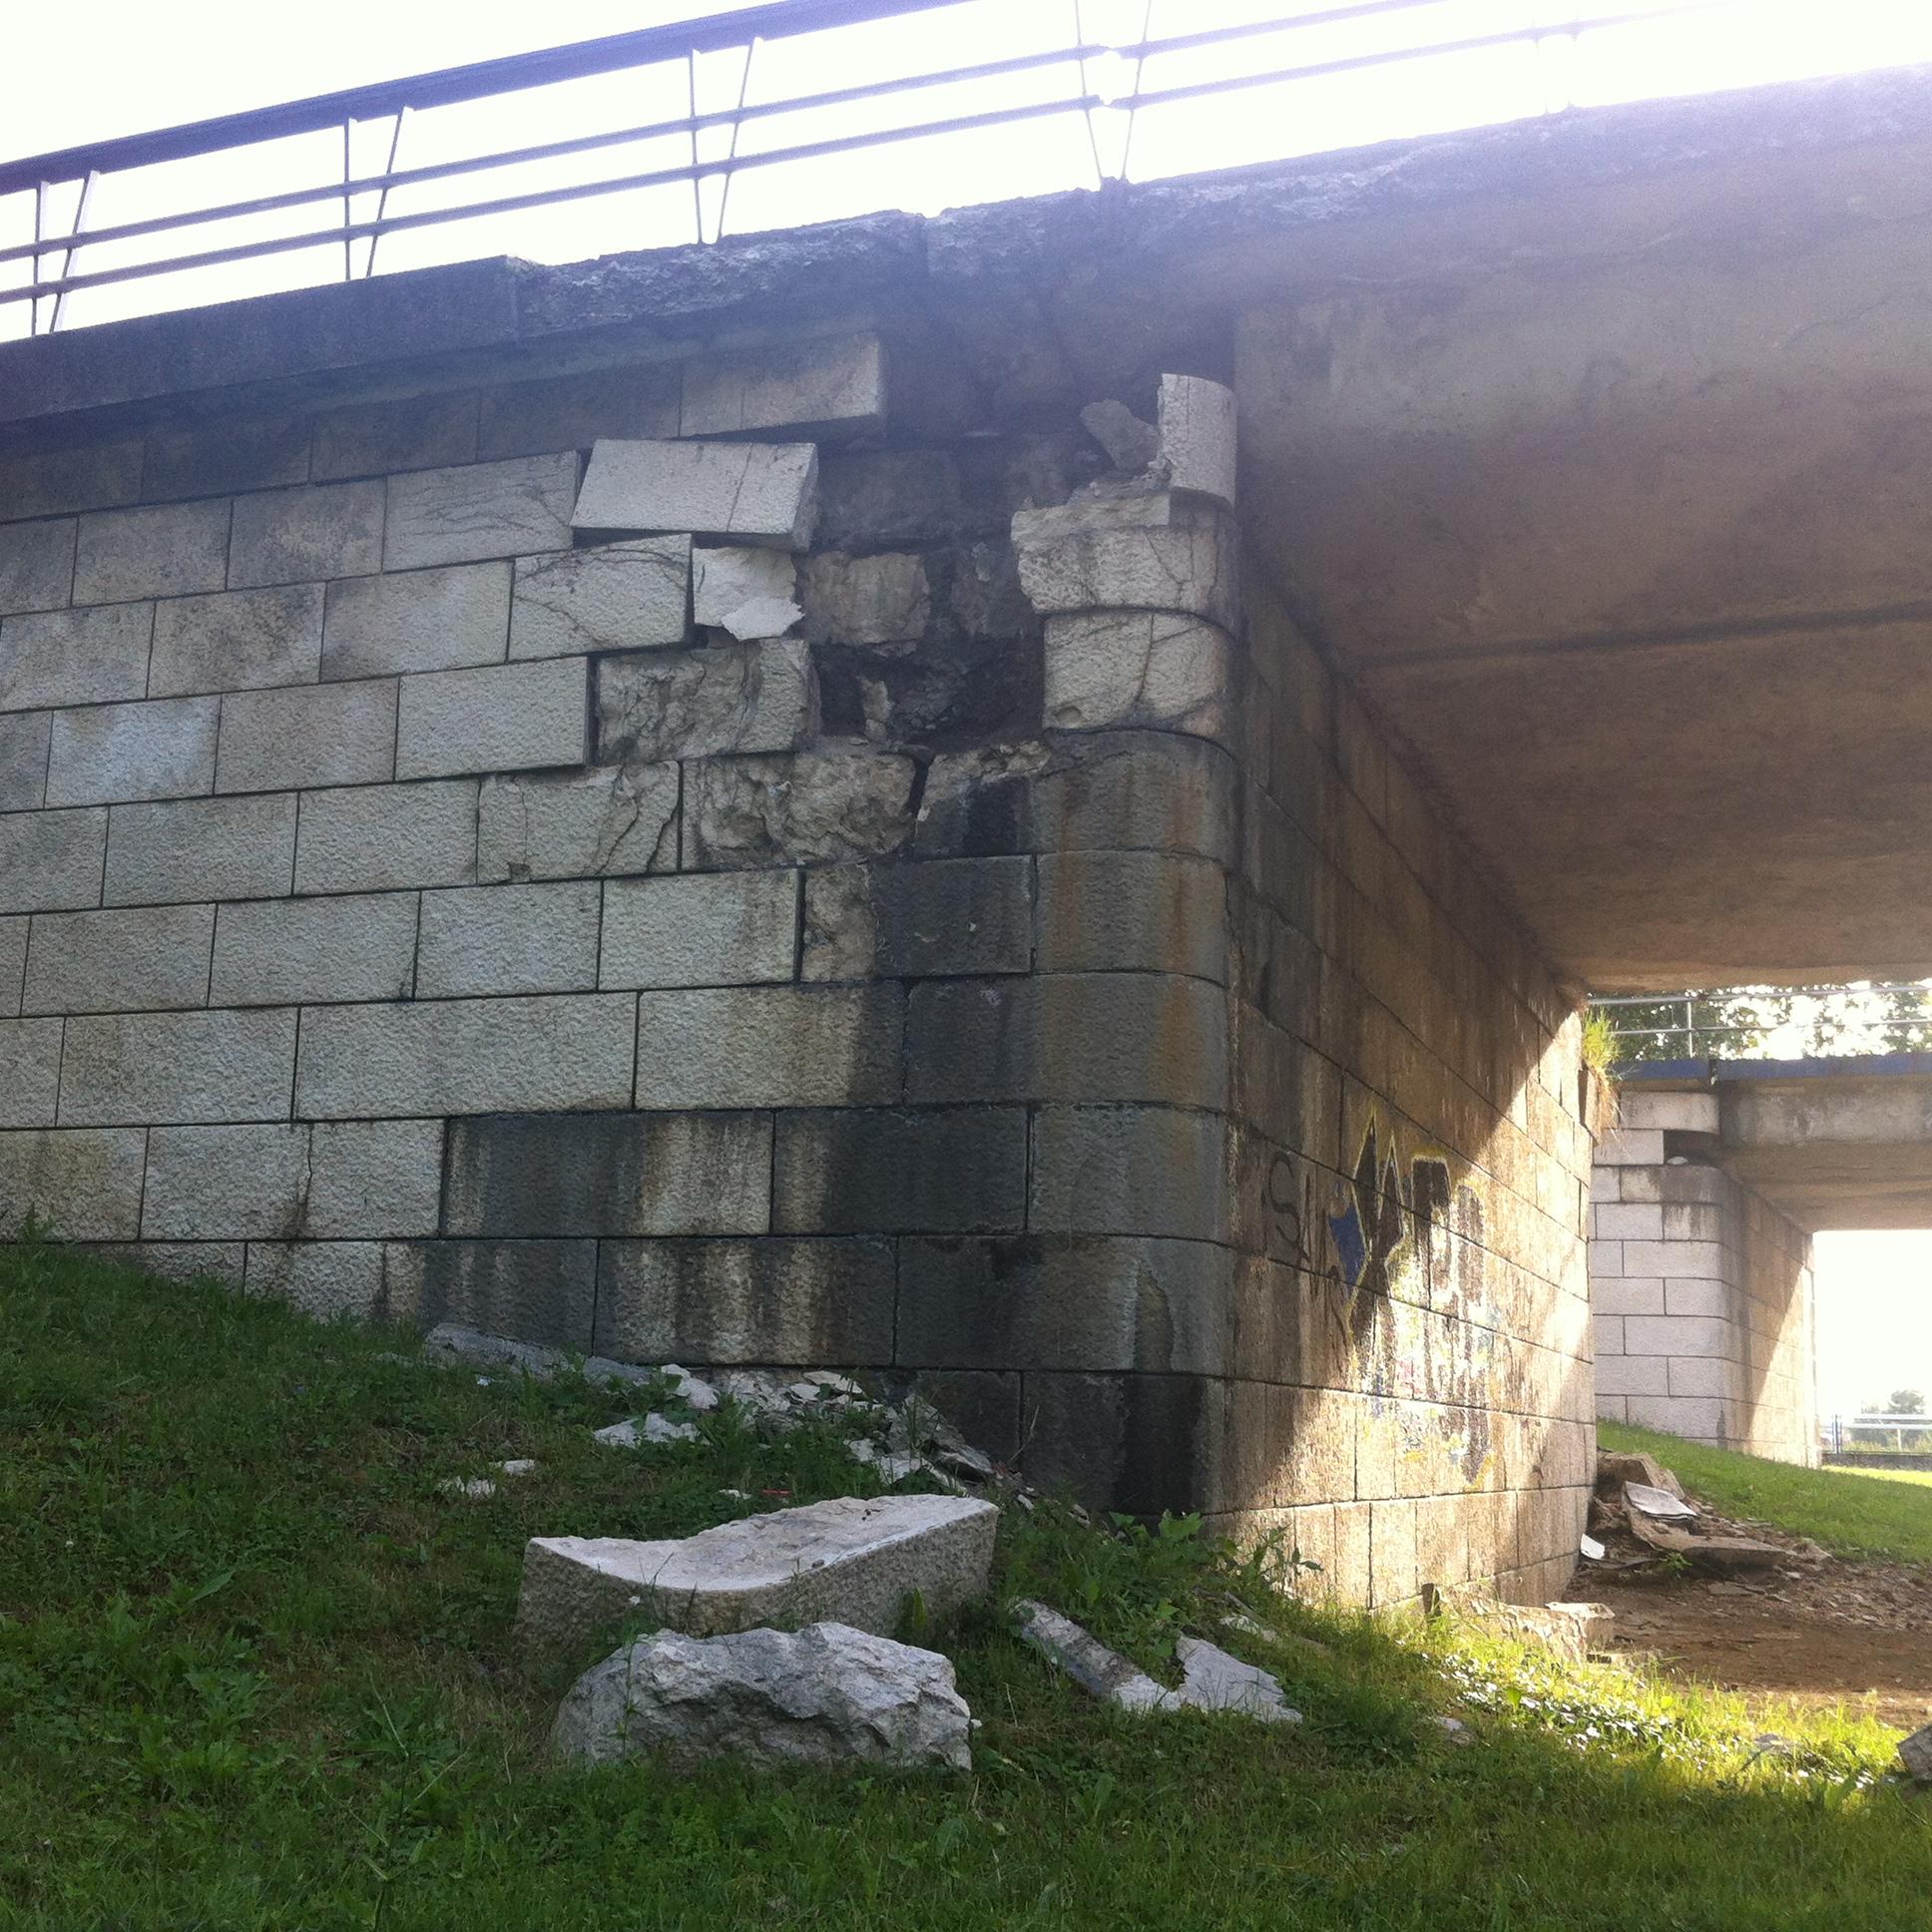 UNATOČ INSPEKCIJI Još nema radova na opasnom Mostu slobode